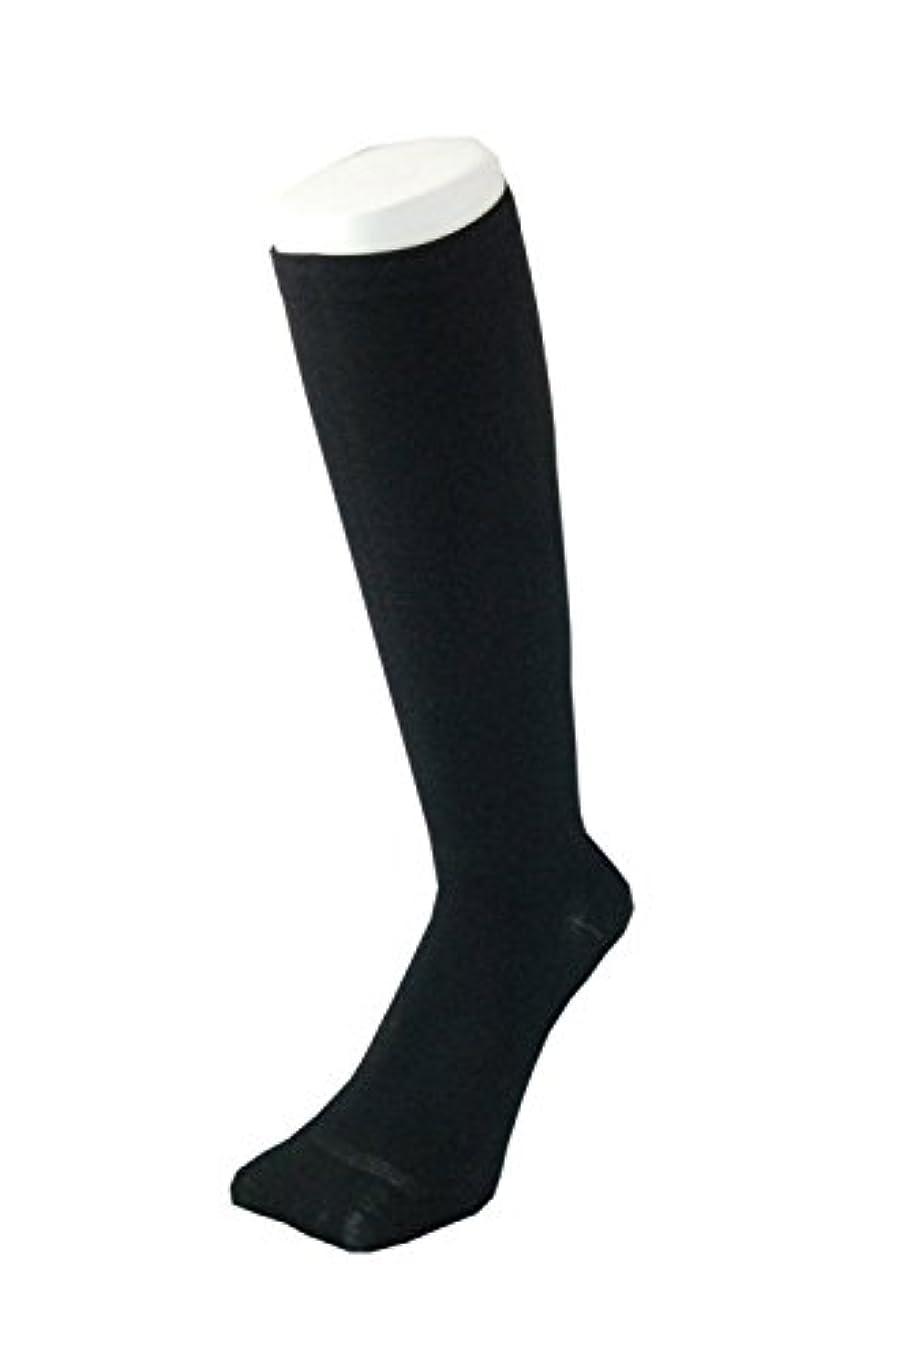 システムおばあさん火山学PAX-ASIAN 紳士?メンズ 着圧靴下 (25~27cm ) ムクミ解消 締め付け サポート 抗菌 ソックス 黒色?ブラック 3足組